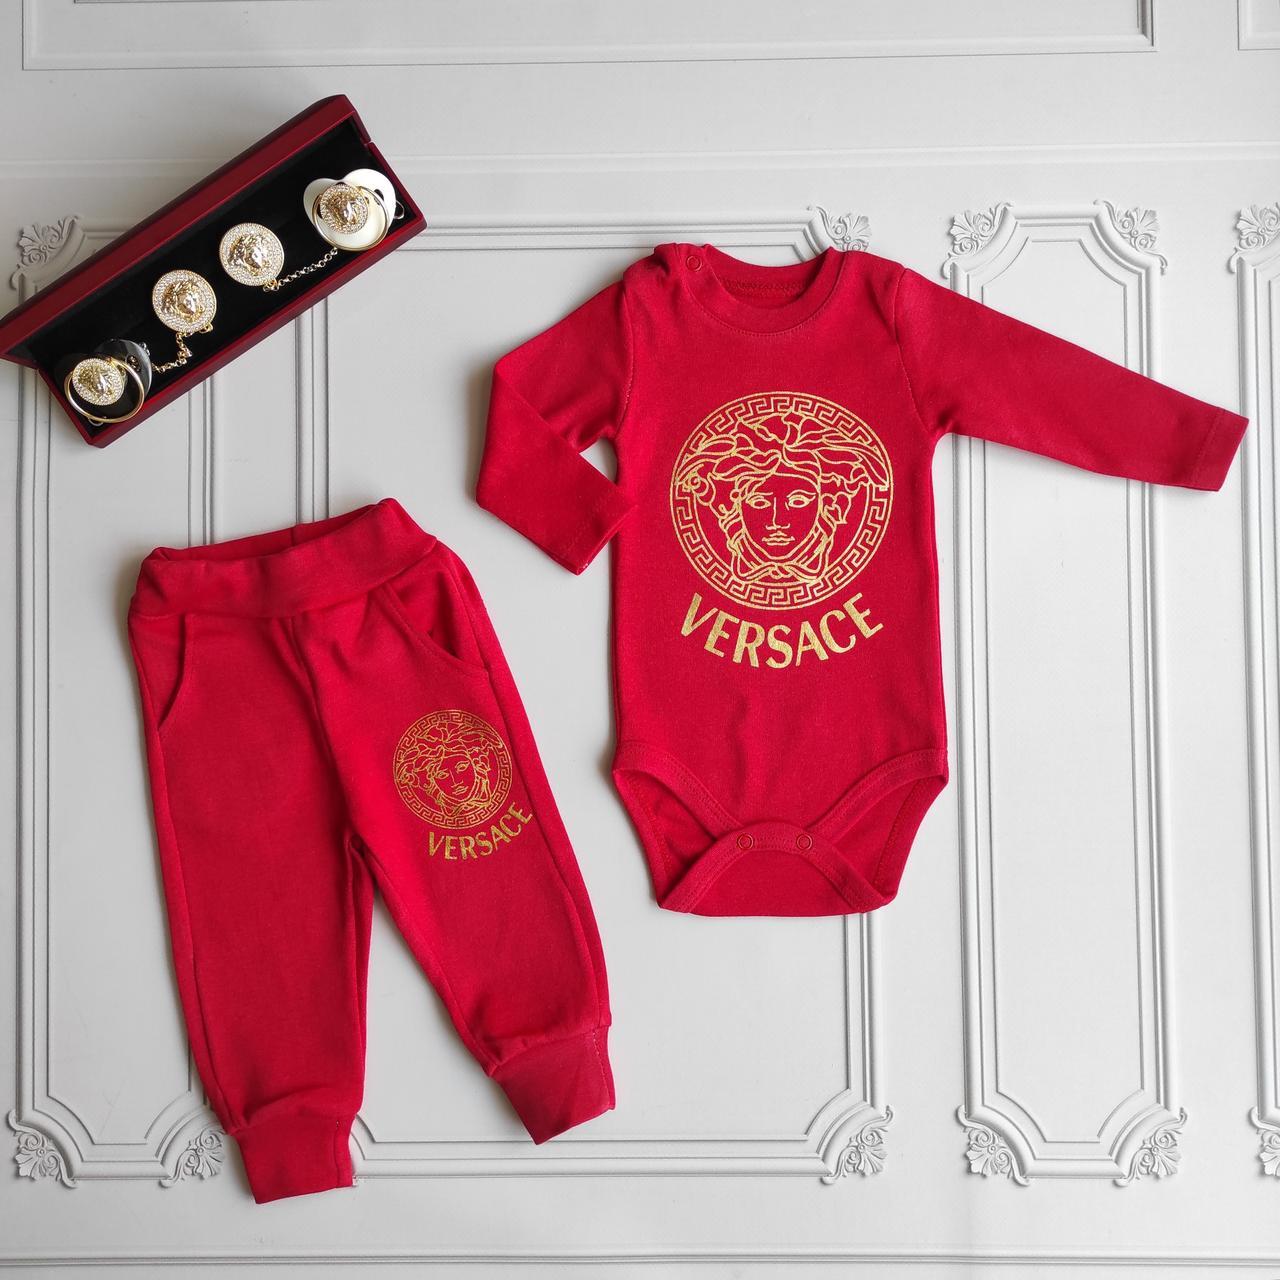 Костюм для новорожденных Versace -  бодик, штаны.